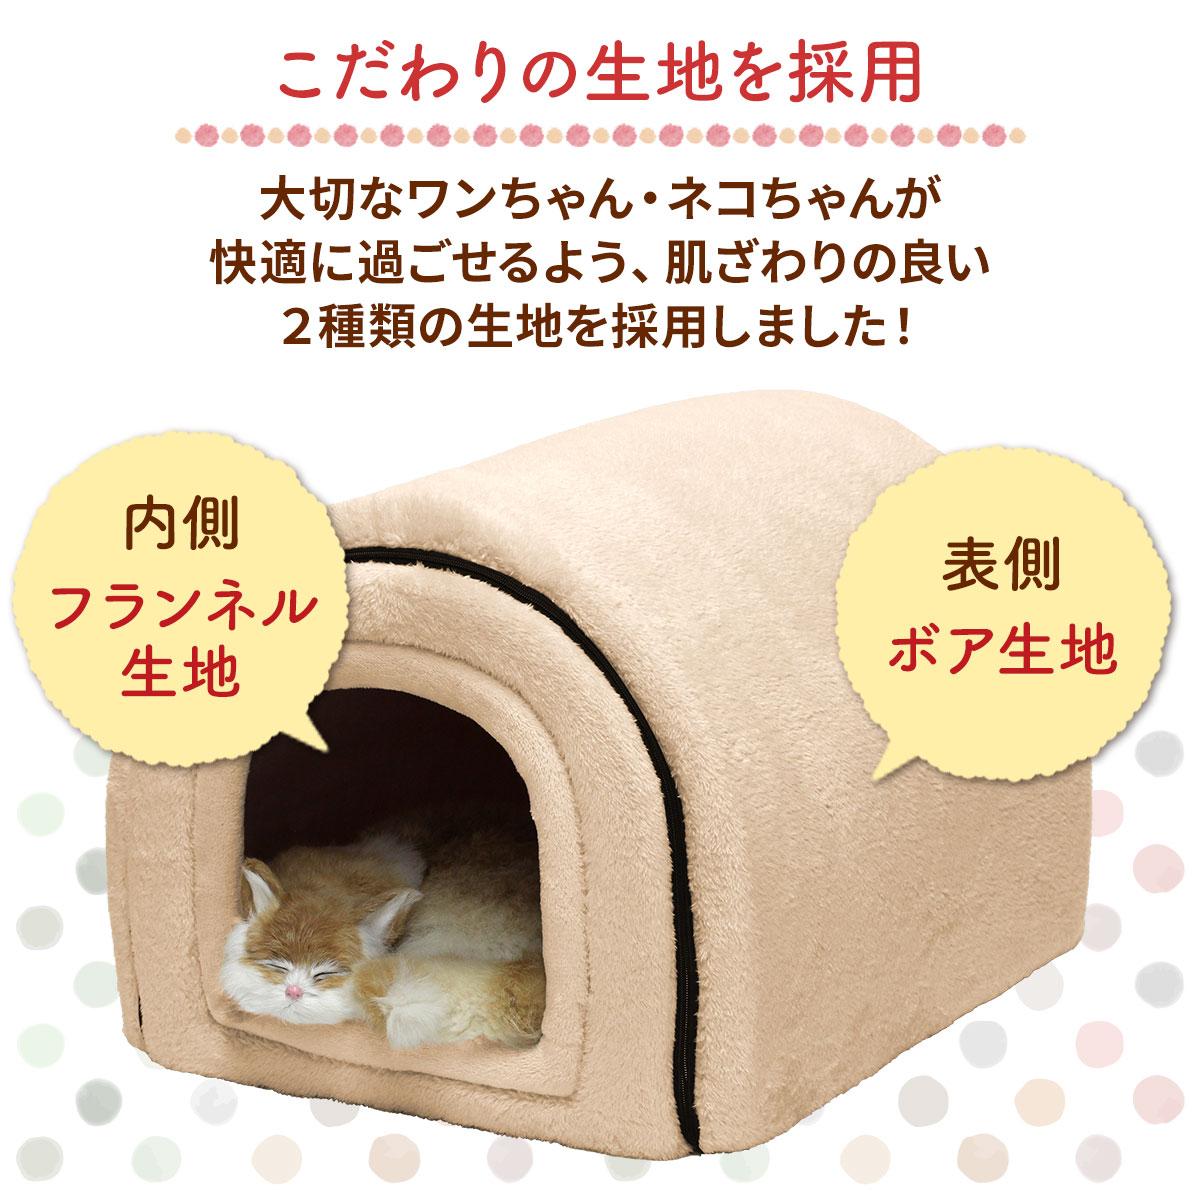 【在庫限り】 ドーム型 ペットハウス 室内 犬小屋 ベッド 犬 猫 ドームハウス 巨大 XLサイズ